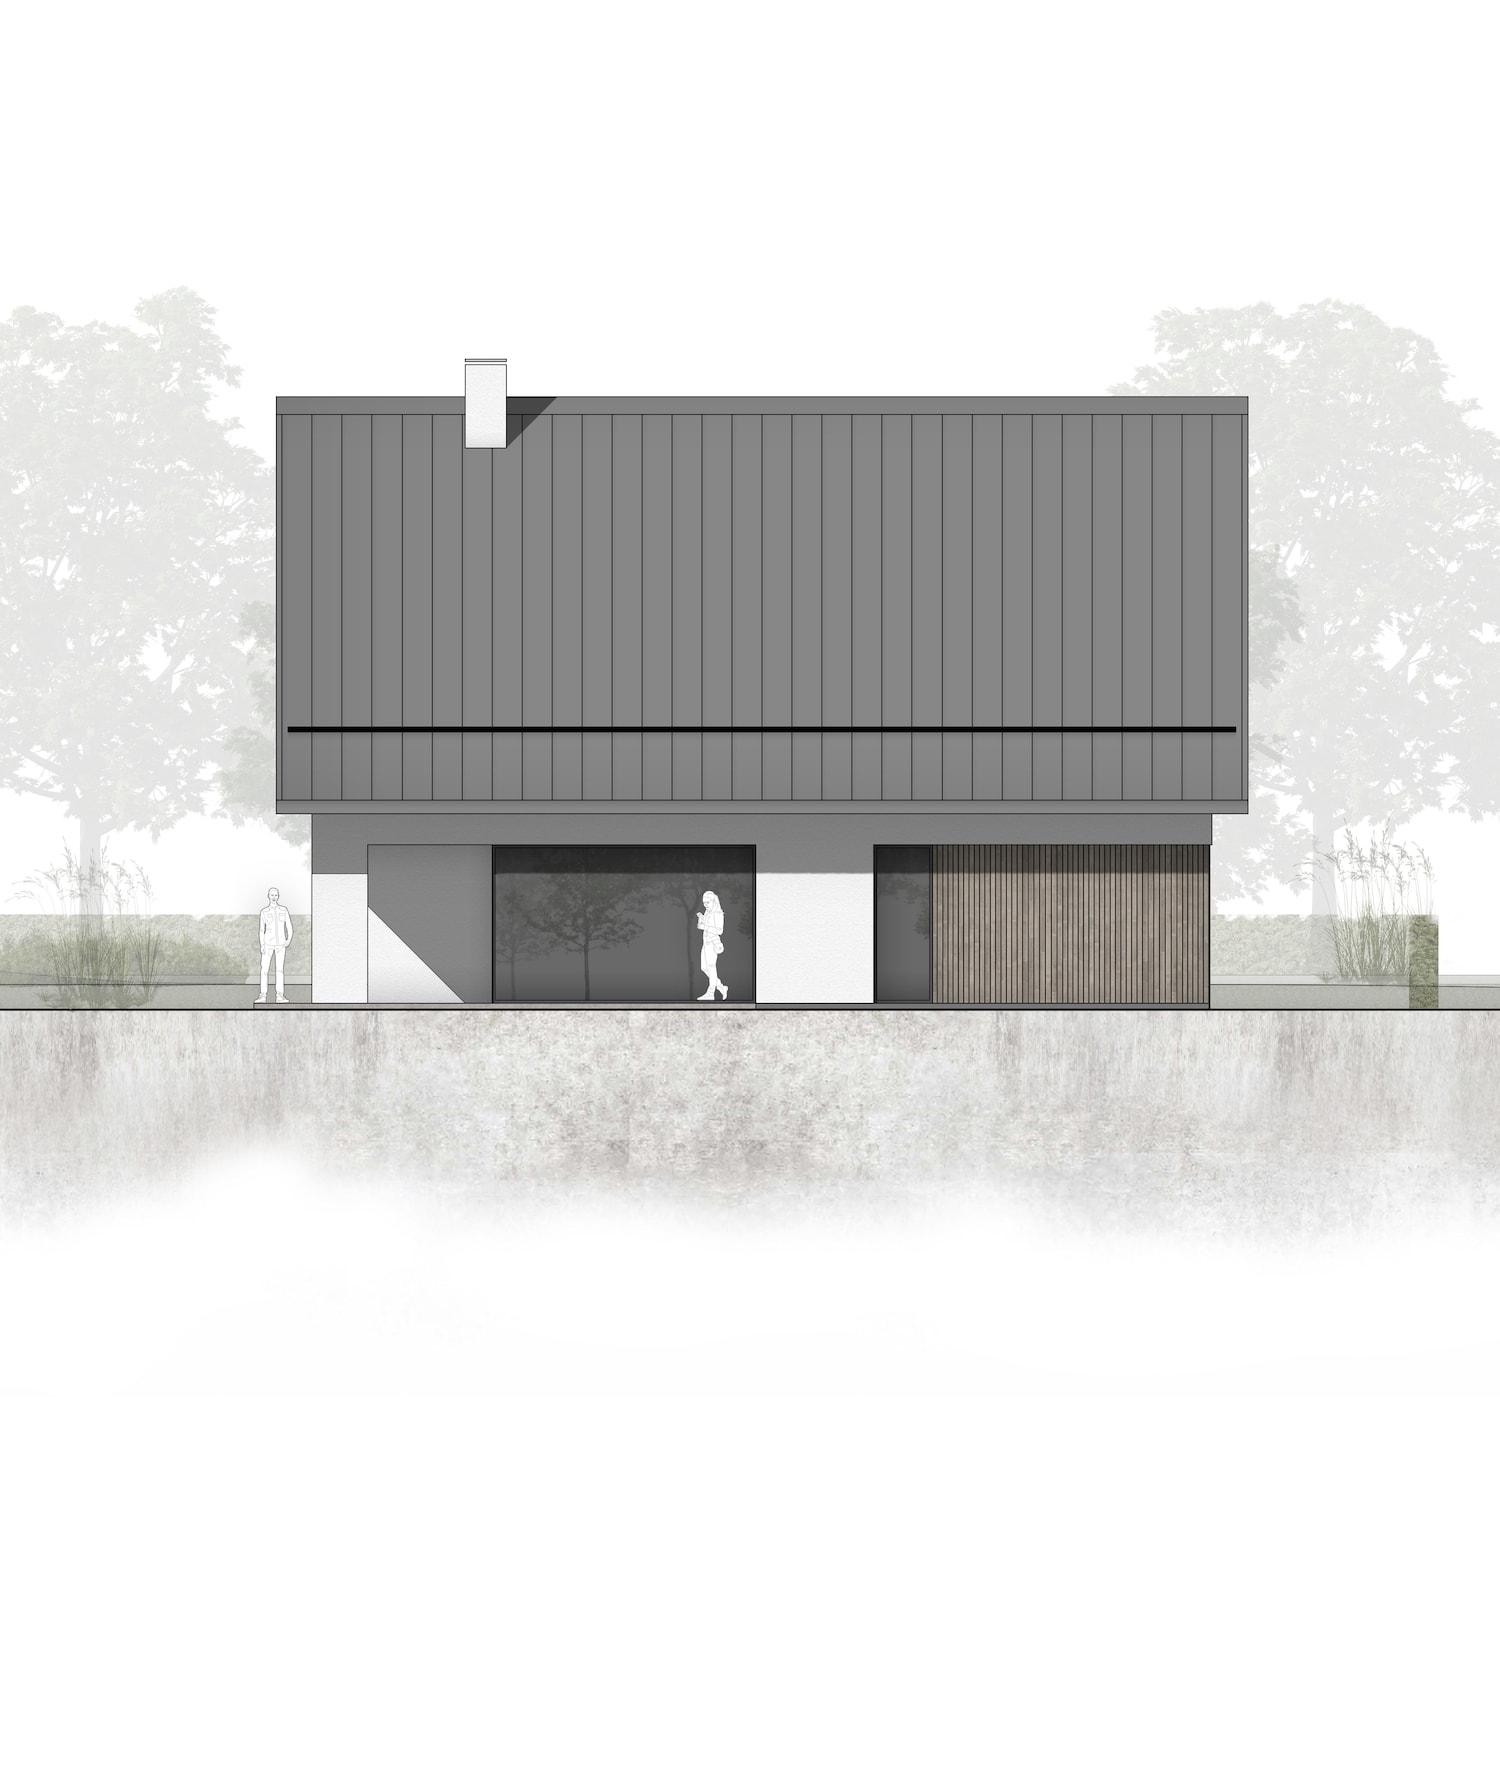 van-os-architecten-breda-nieuwbouw-woning-in-gevelstucwerk-en-stalen-dak-hoge-gouw-teteringen-zijgevel-met-overstek-en-houten-gevelbetimmering